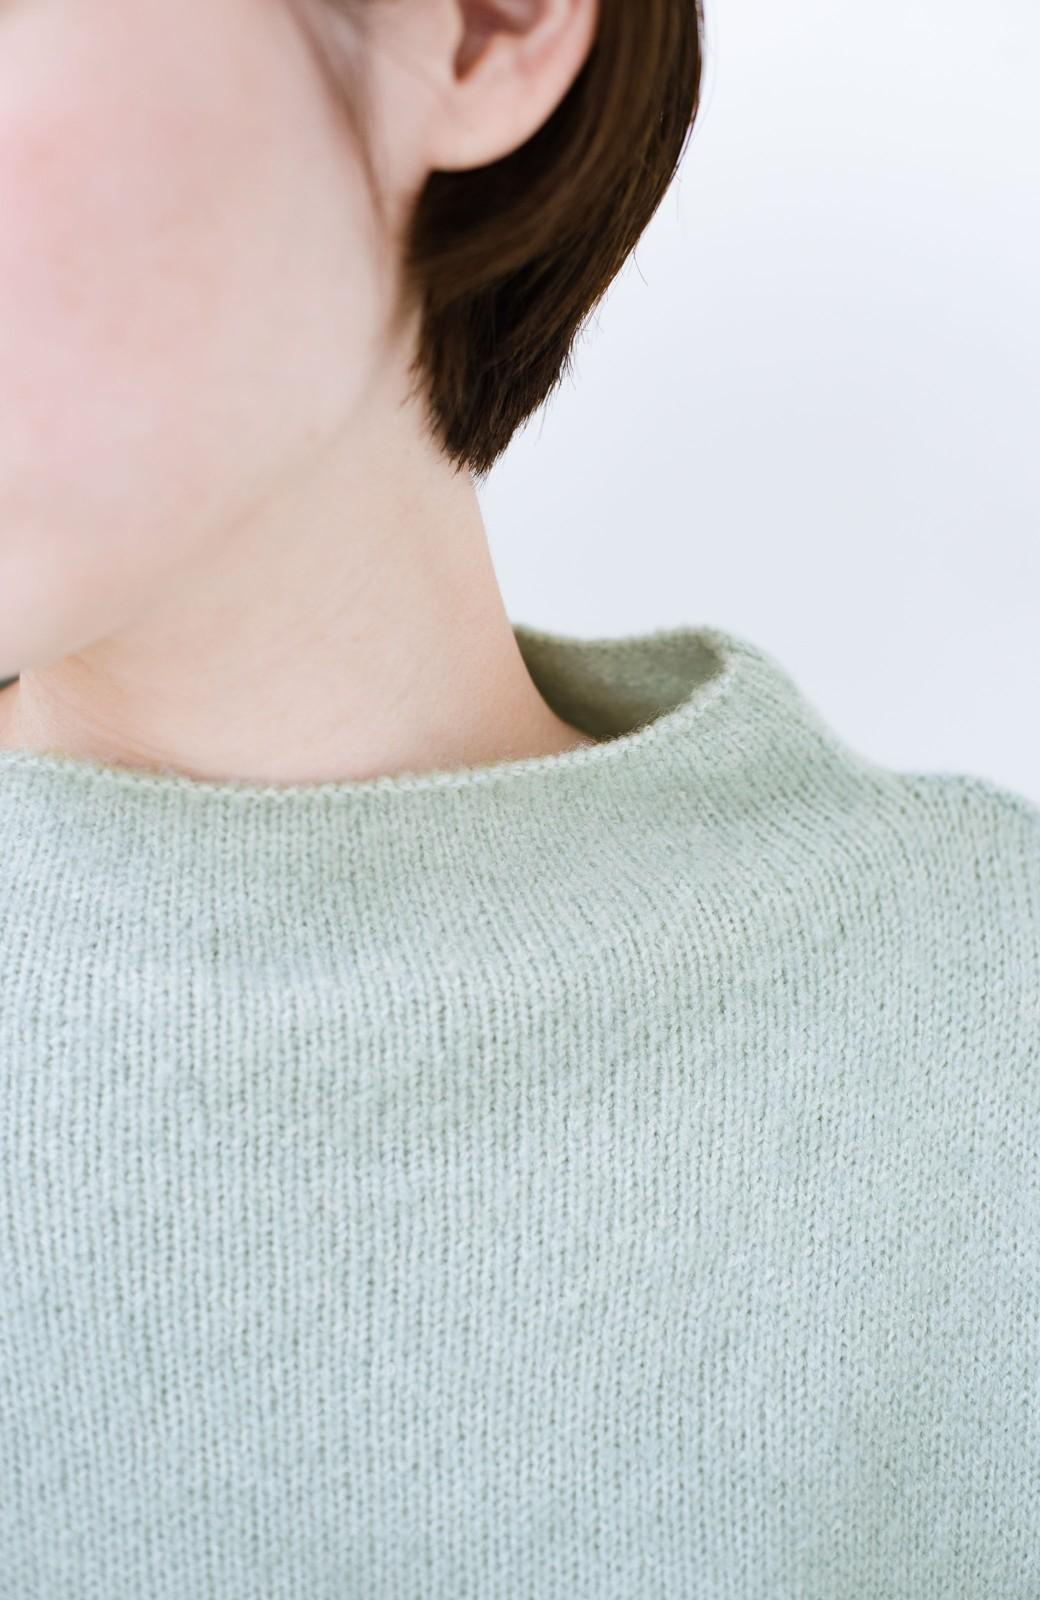 haco! パッと着るだけでかわいくなれる気がする ぷっくり袖のボトルネックニット <ライトグリーン>の商品写真2